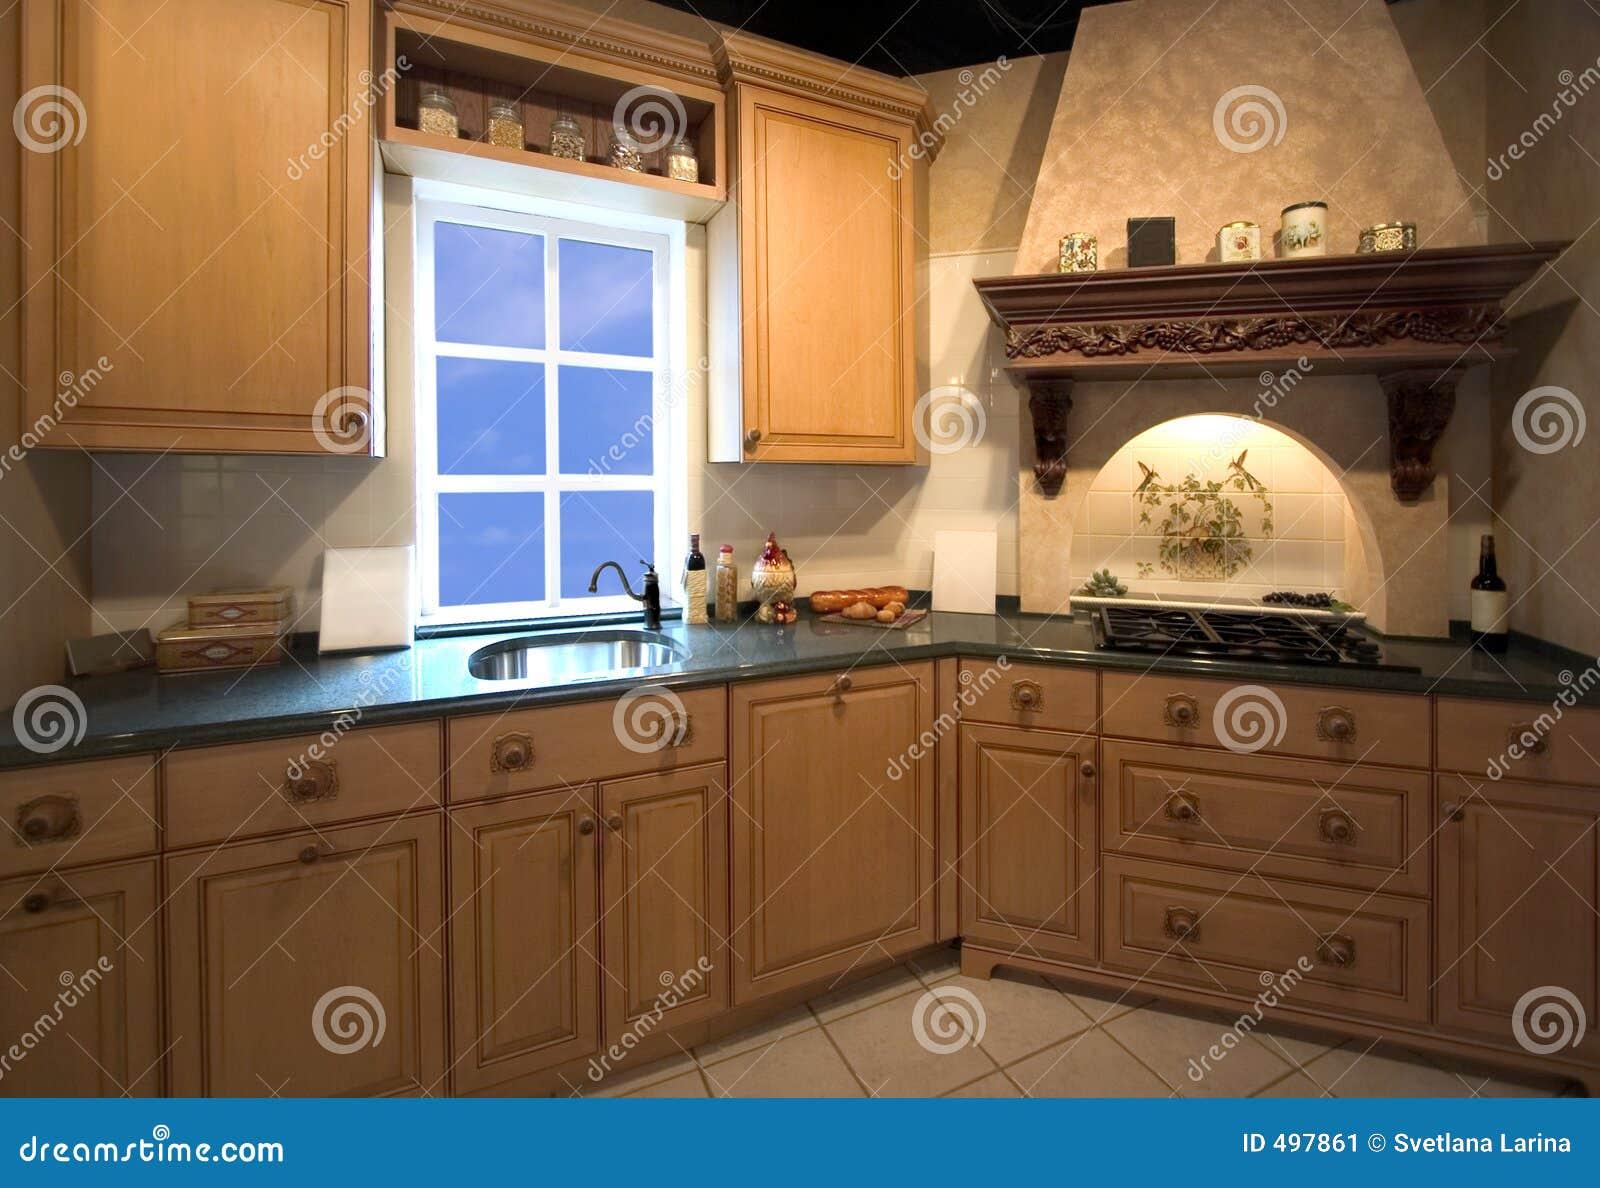 Interiore della cucina con la finestra immagine stock for Finestra in cucina